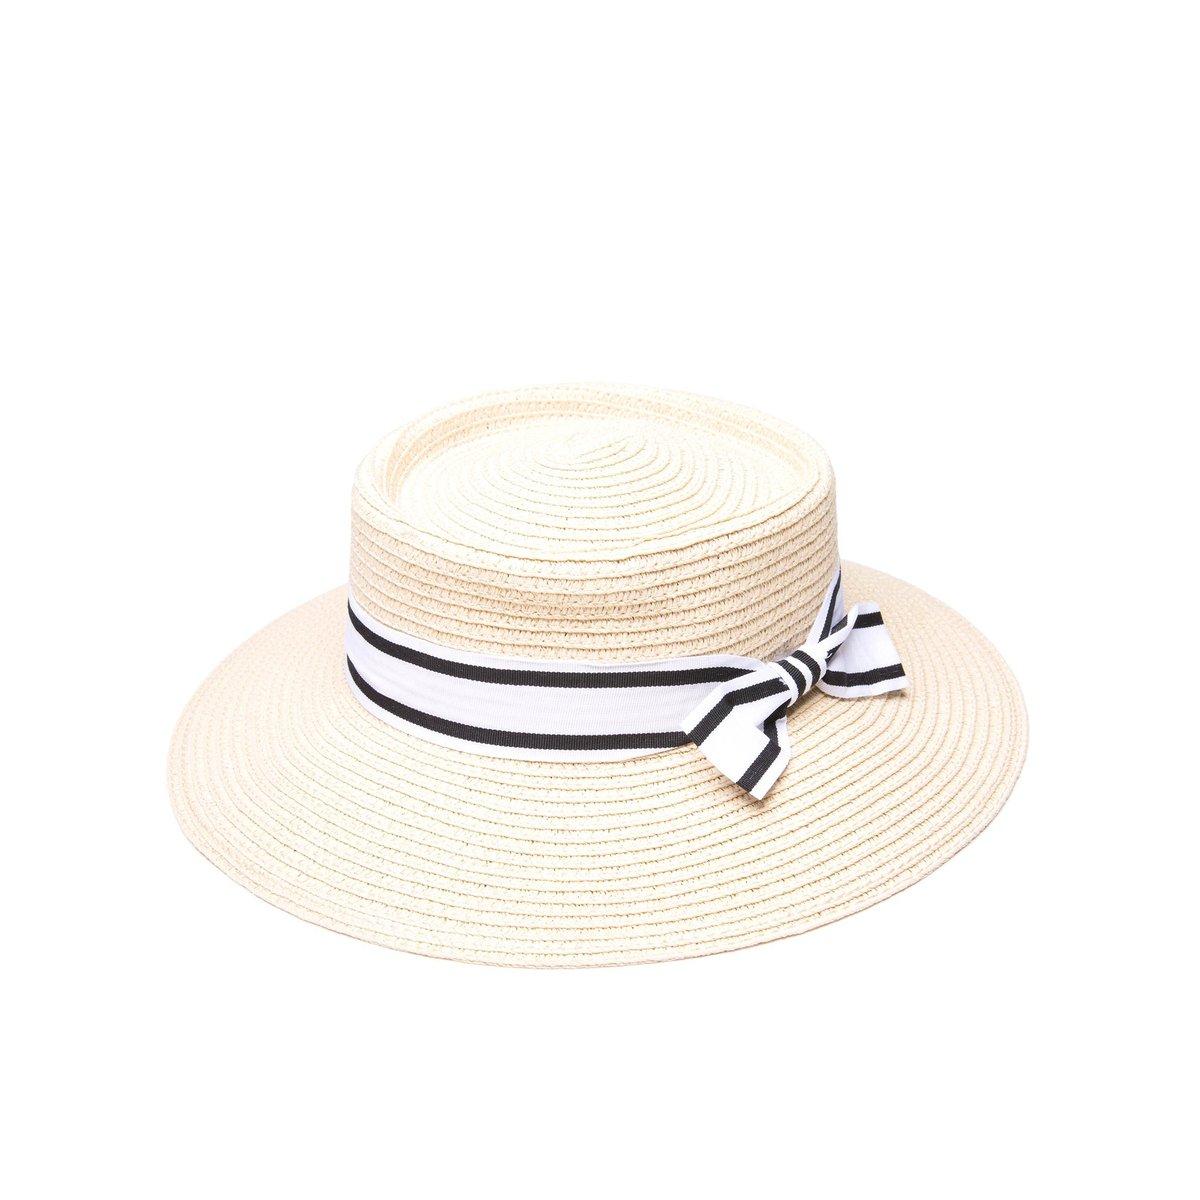 Chapéu AMARO De Palha Com Laço - Compre Agora  070281d929e